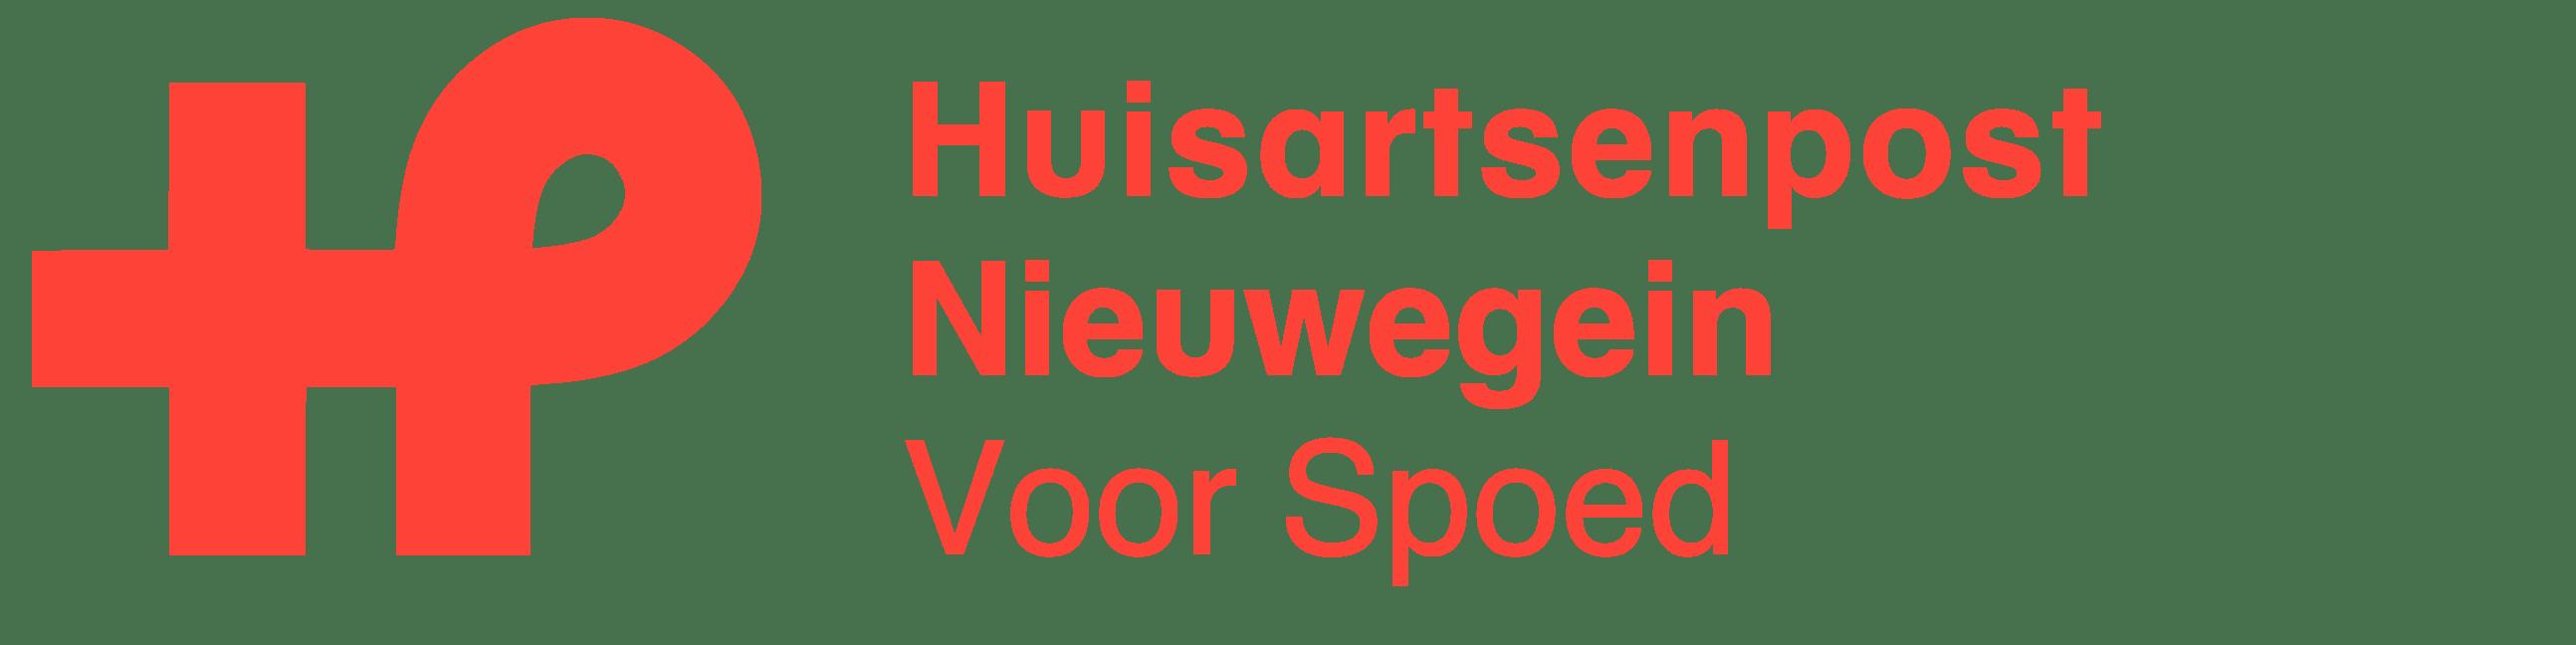 Huisartsenspoedpost Nieuwegein